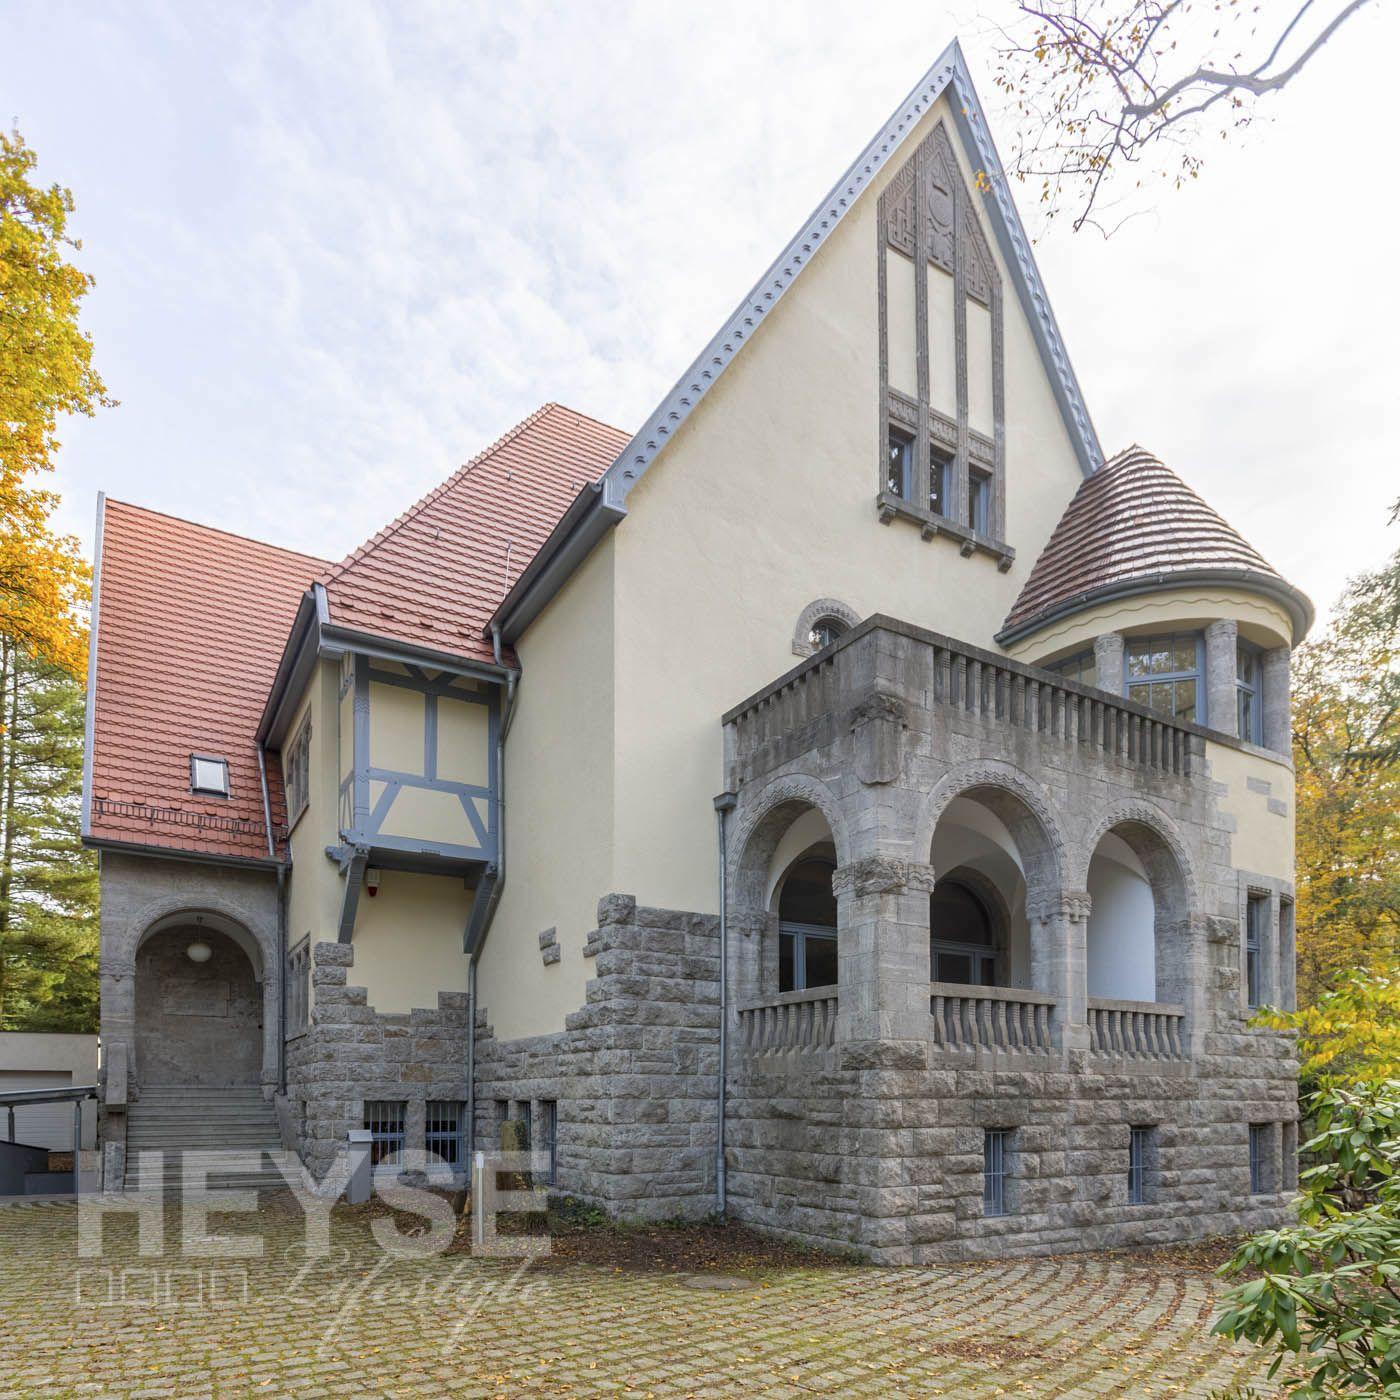 Villa haase in hannover sanierung eines denkmalgesch tzten wohnhauses in kleefeld sch ne - Farbkonzept haus ...